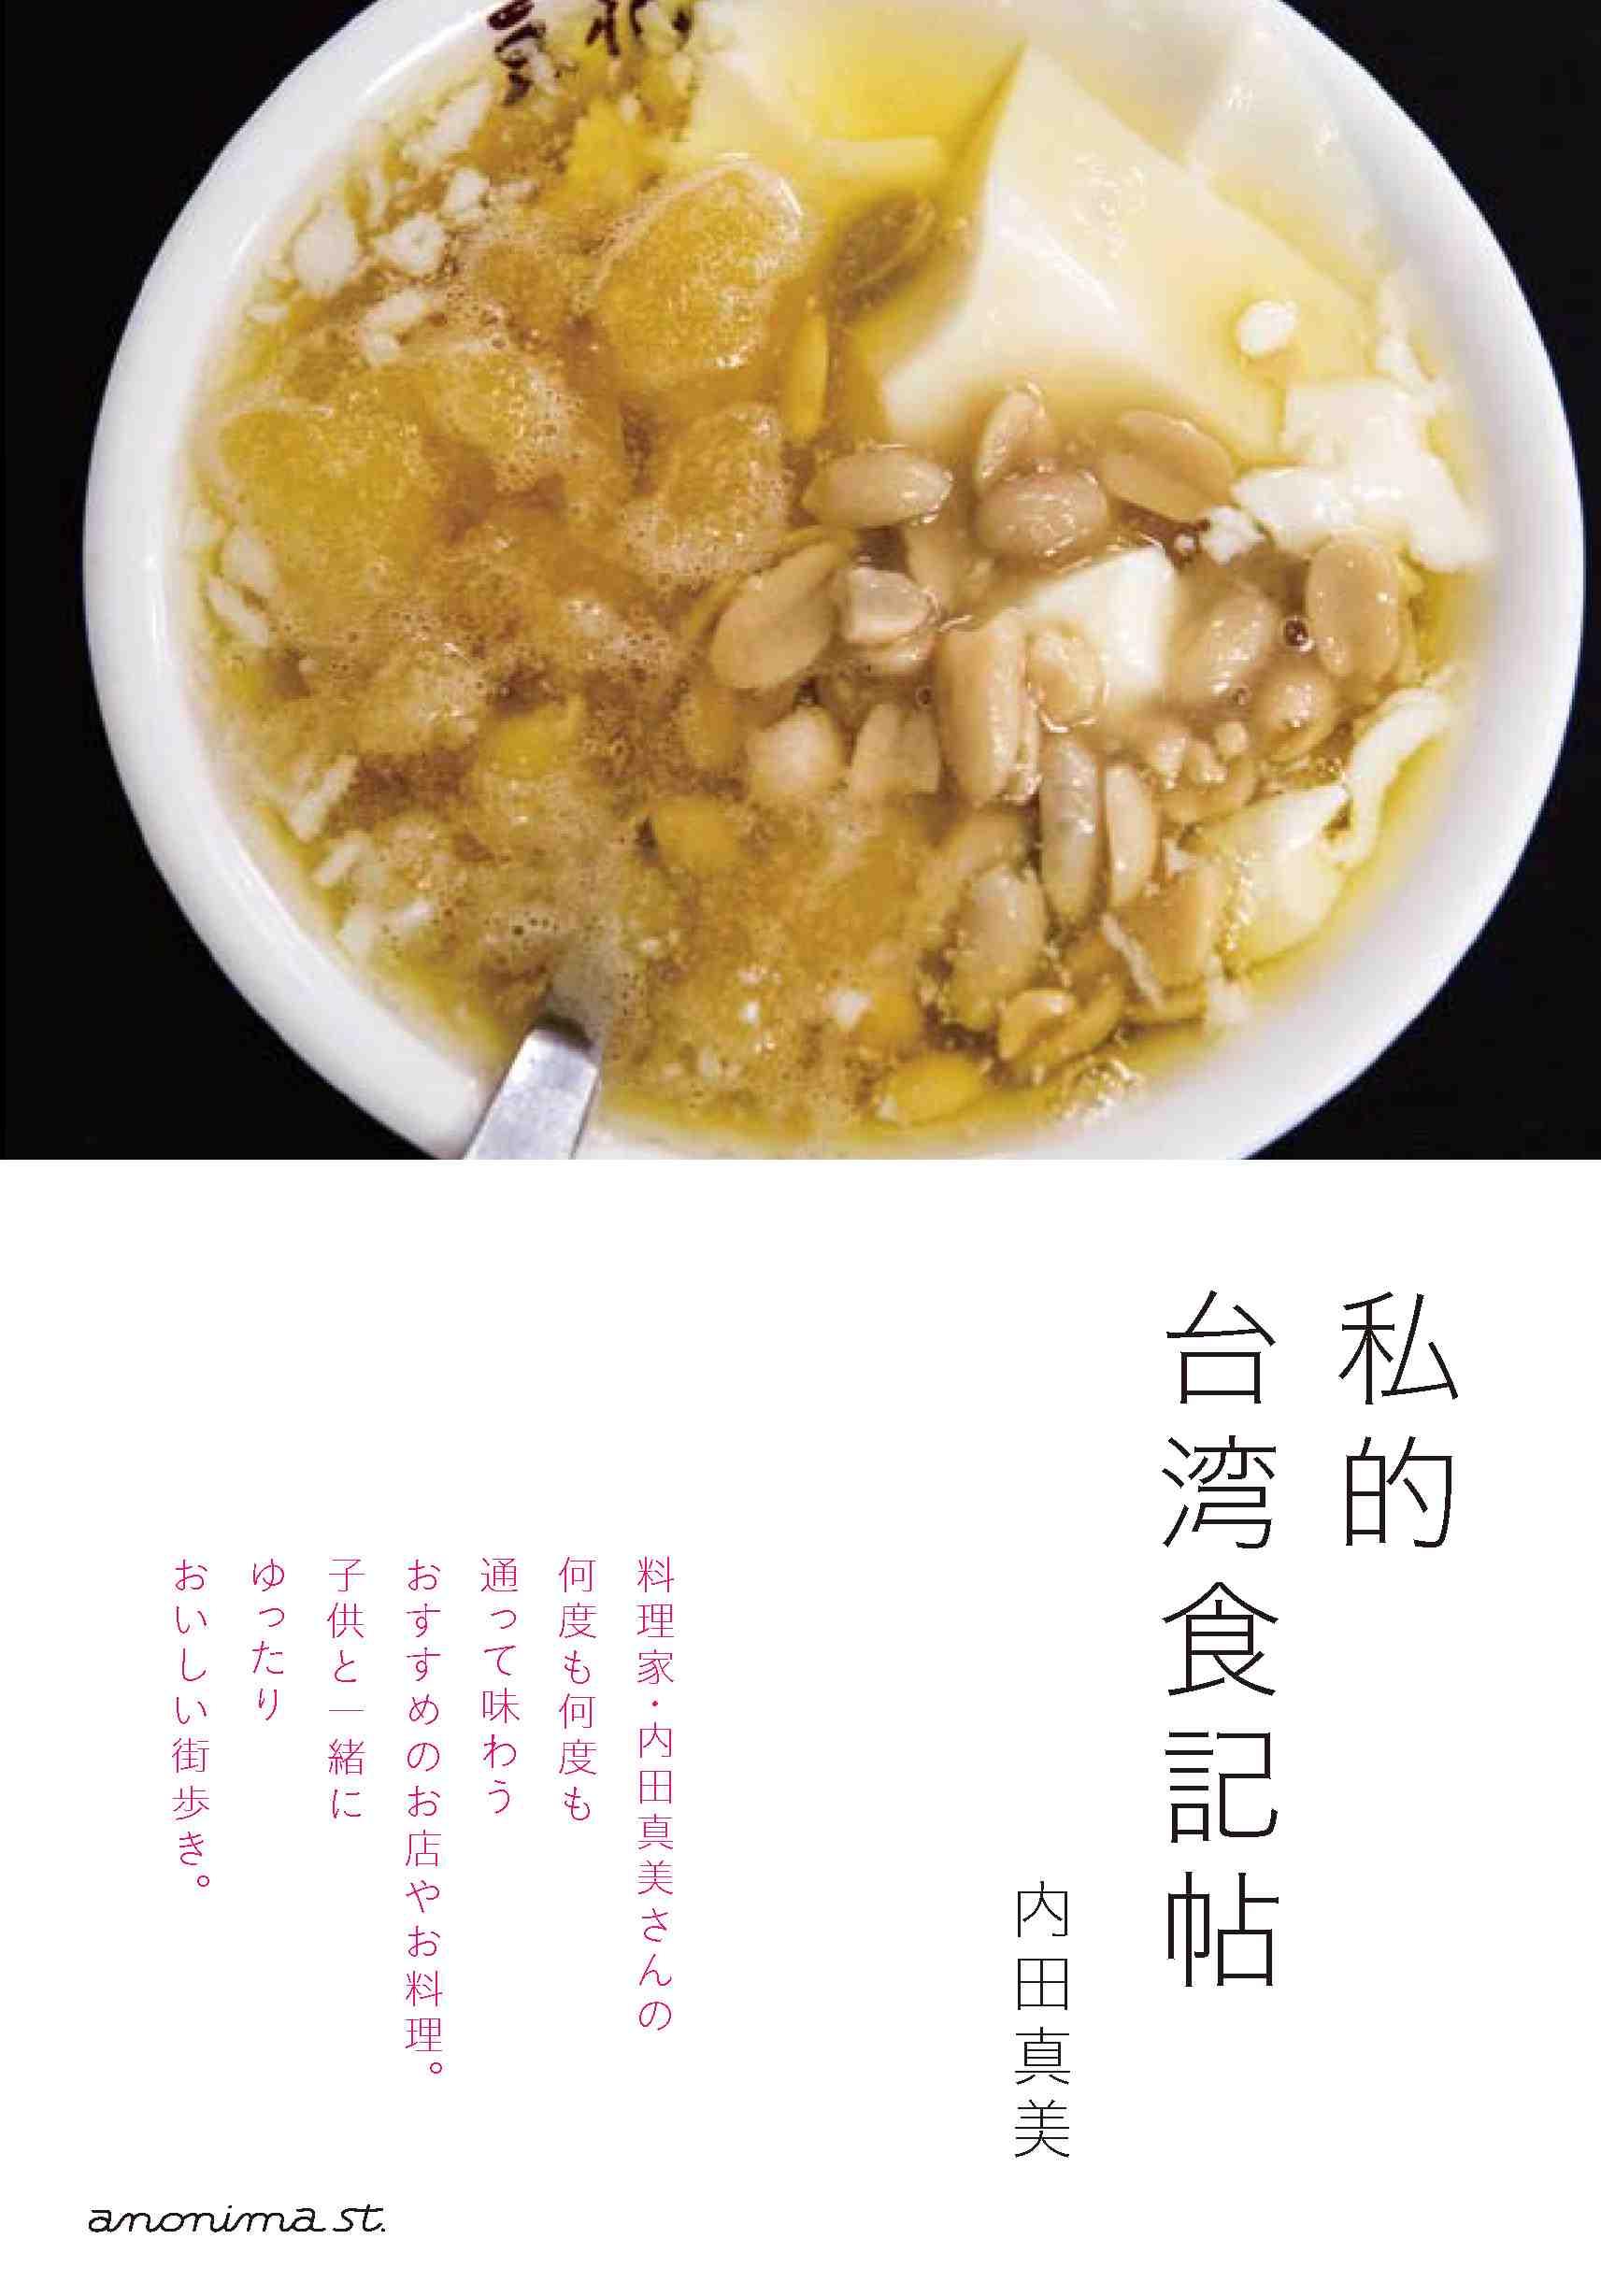 内田真美,私的台湾食記帖